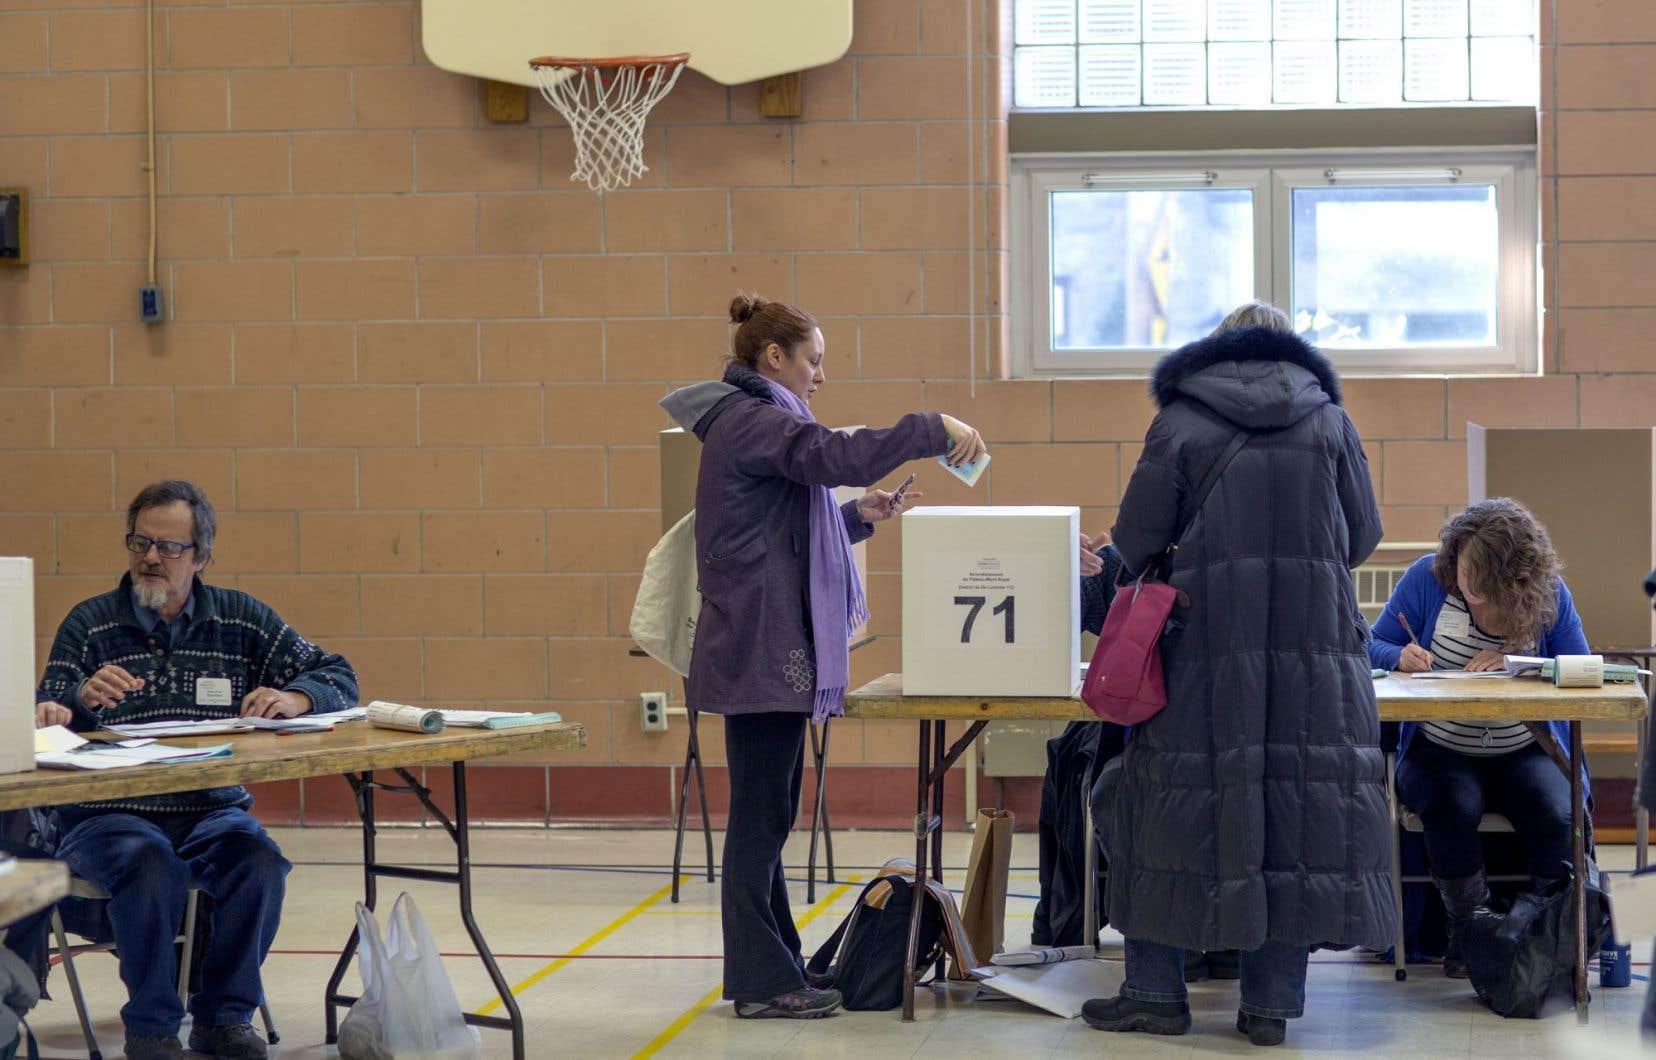 L'objet des prochaines élections municipales pourrait dépasser les enjeux locaux et définir le genre de démocratie dans lequel nous voulons vivre, croit l'auteur.